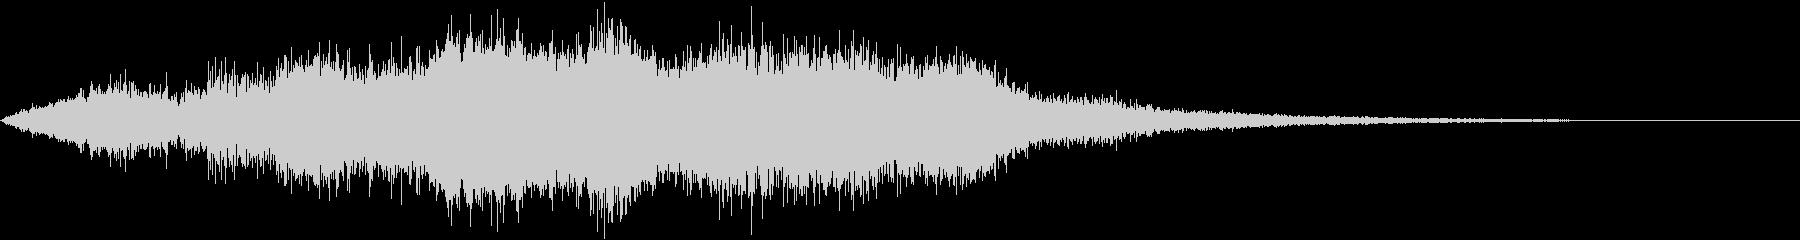 【ゲーム】 テクスチャ 05 サイバーの未再生の波形